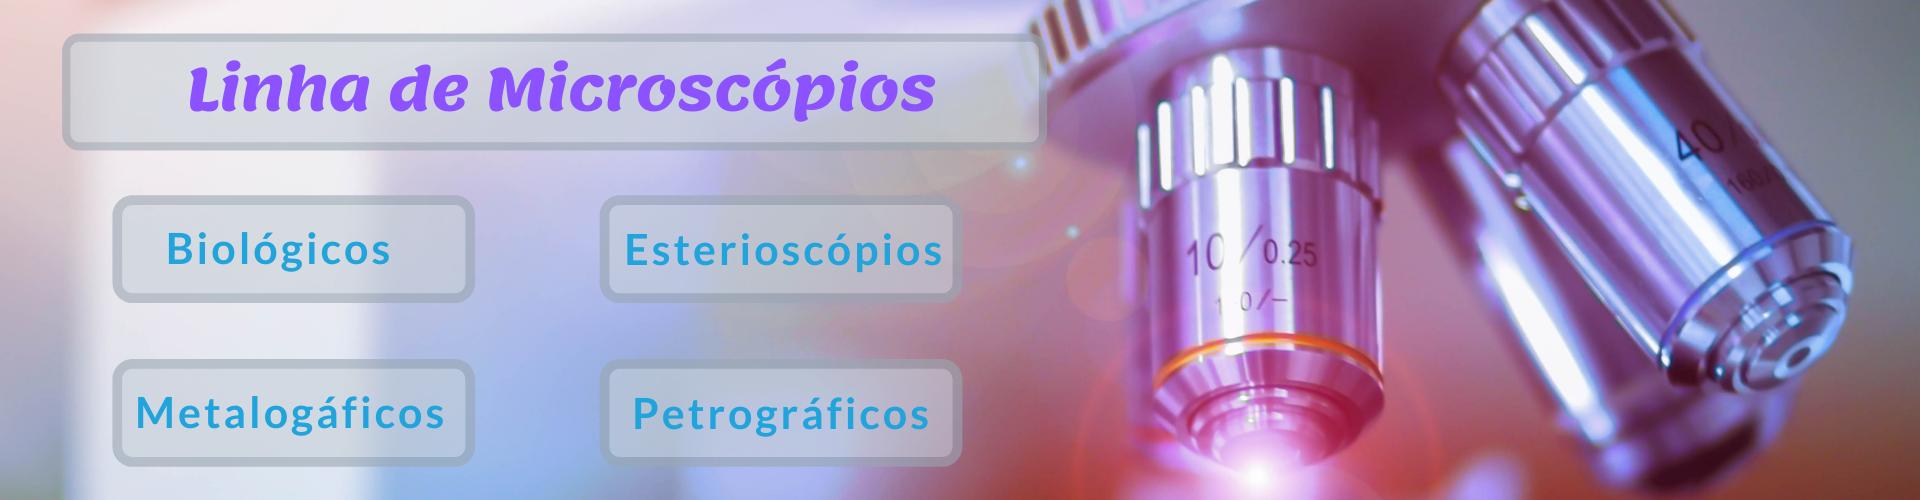 banner microscopia